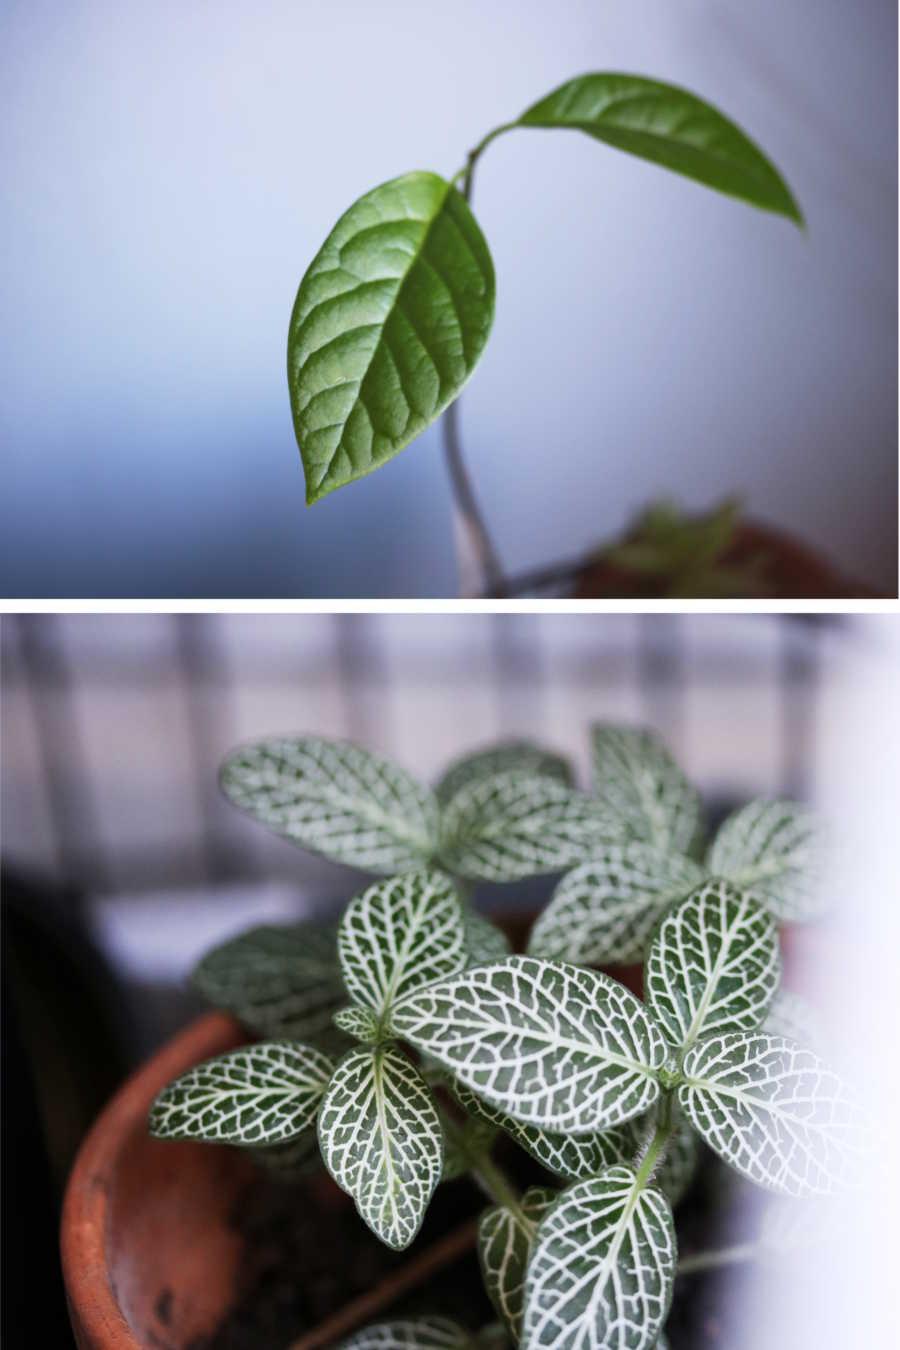 L'échoppe Végétale - Inspirations pour un automne pas monotone | réaliser une jungle urbaine avec des plantes d'intérieur comme le fittonia et le noyau d'avocat